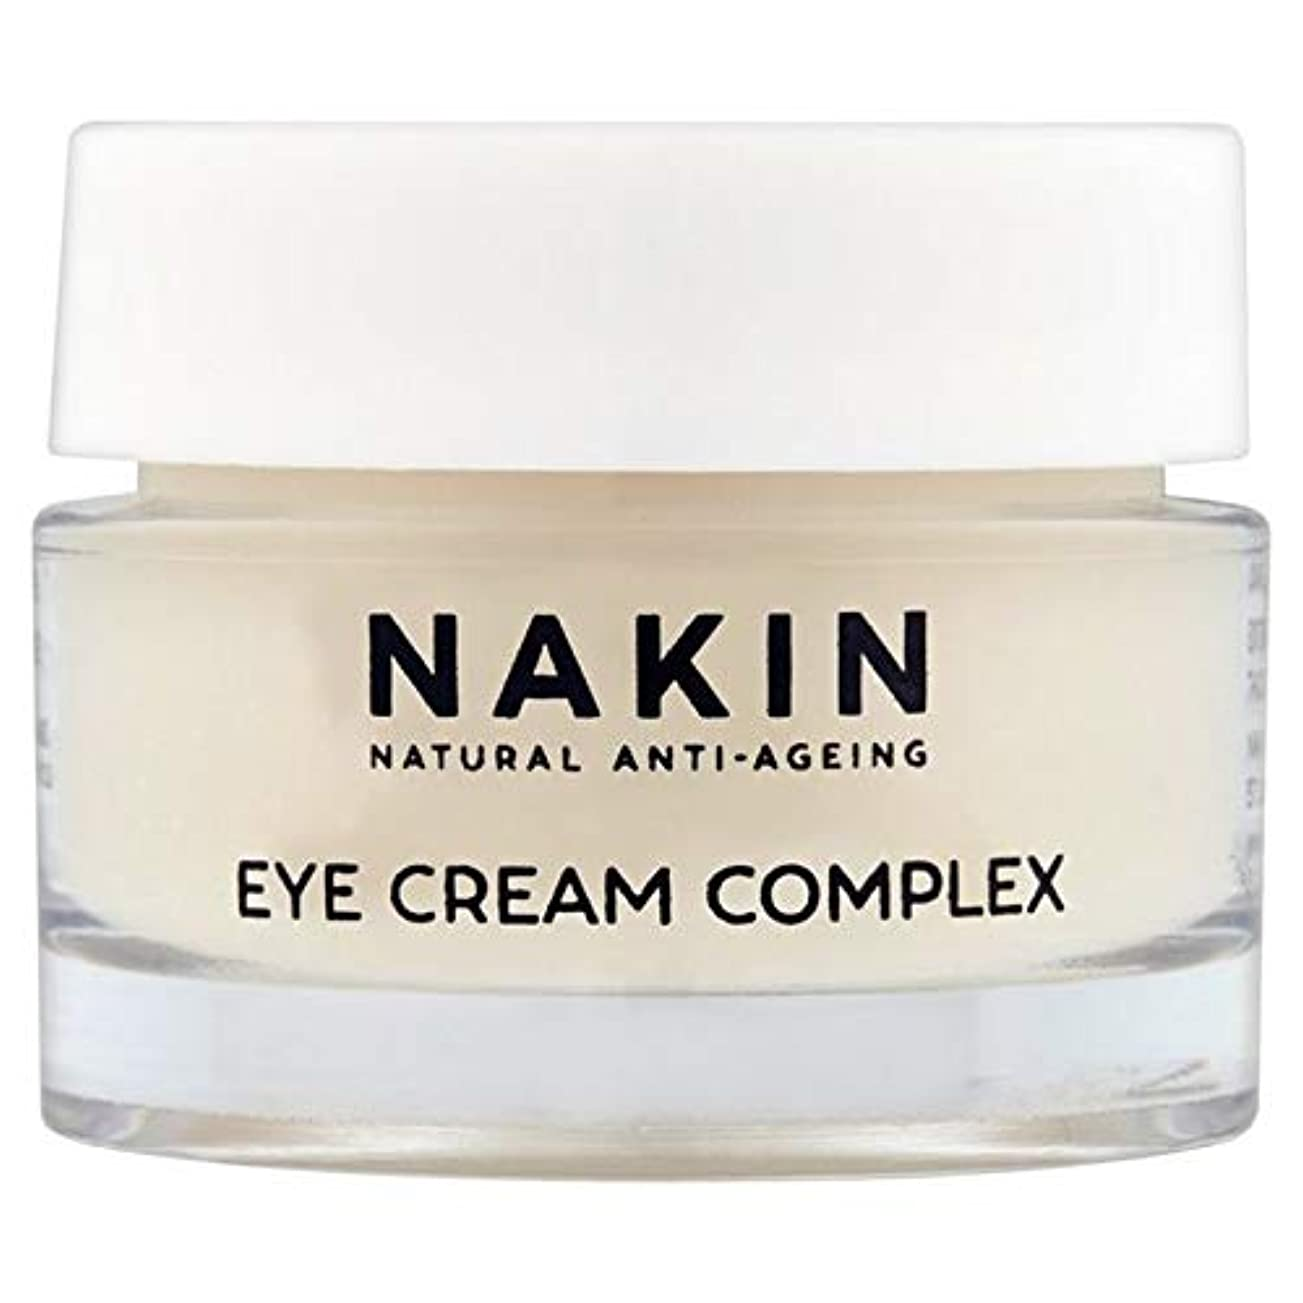 機構見習いチャーム[Nakin] Nakin自然アンチエイジングアイクリームコンプレックス15ミリリットル - Nakin Natural Anti-Ageing Eye Cream Complex 15ml [並行輸入品]